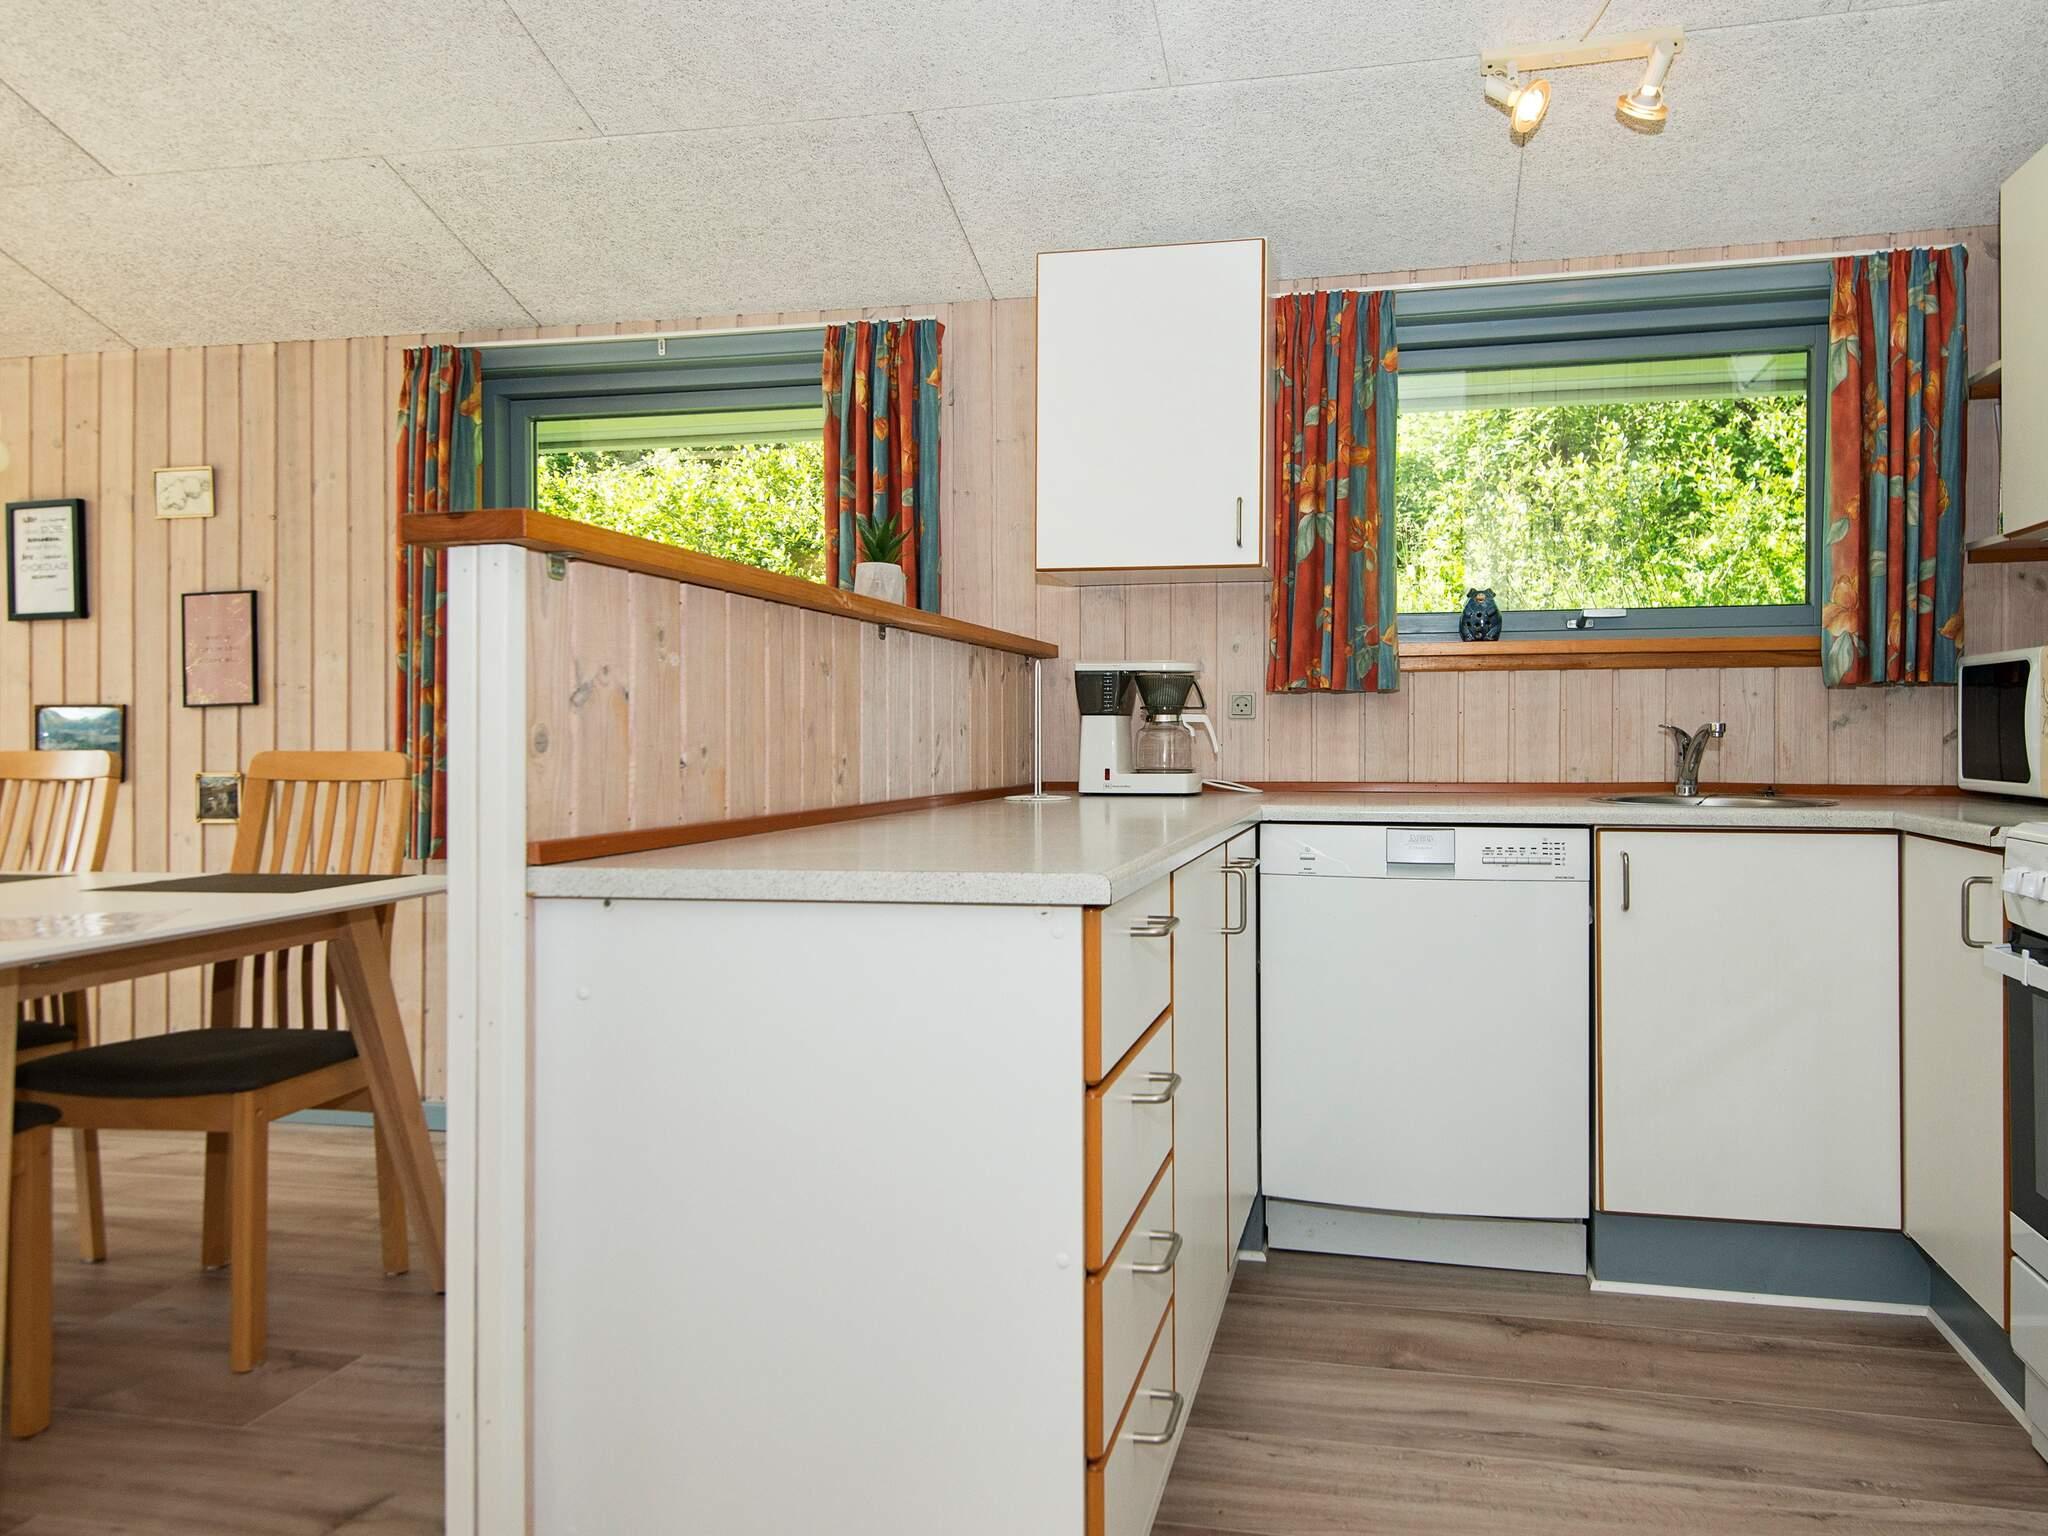 Ferienhaus Hvidbjerg (82128), Hvidbjerg, , Ostjütland, Dänemark, Bild 10